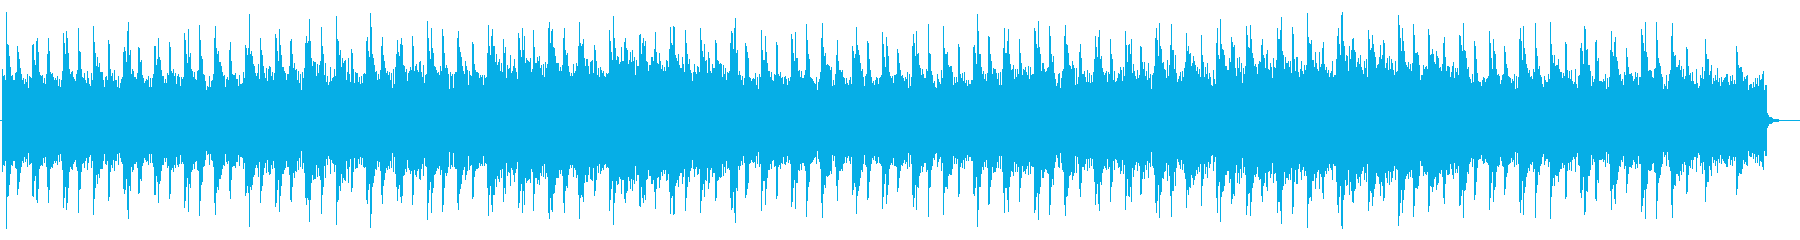 感動的な映像に合うピアノとストリングスの再生済みの波形